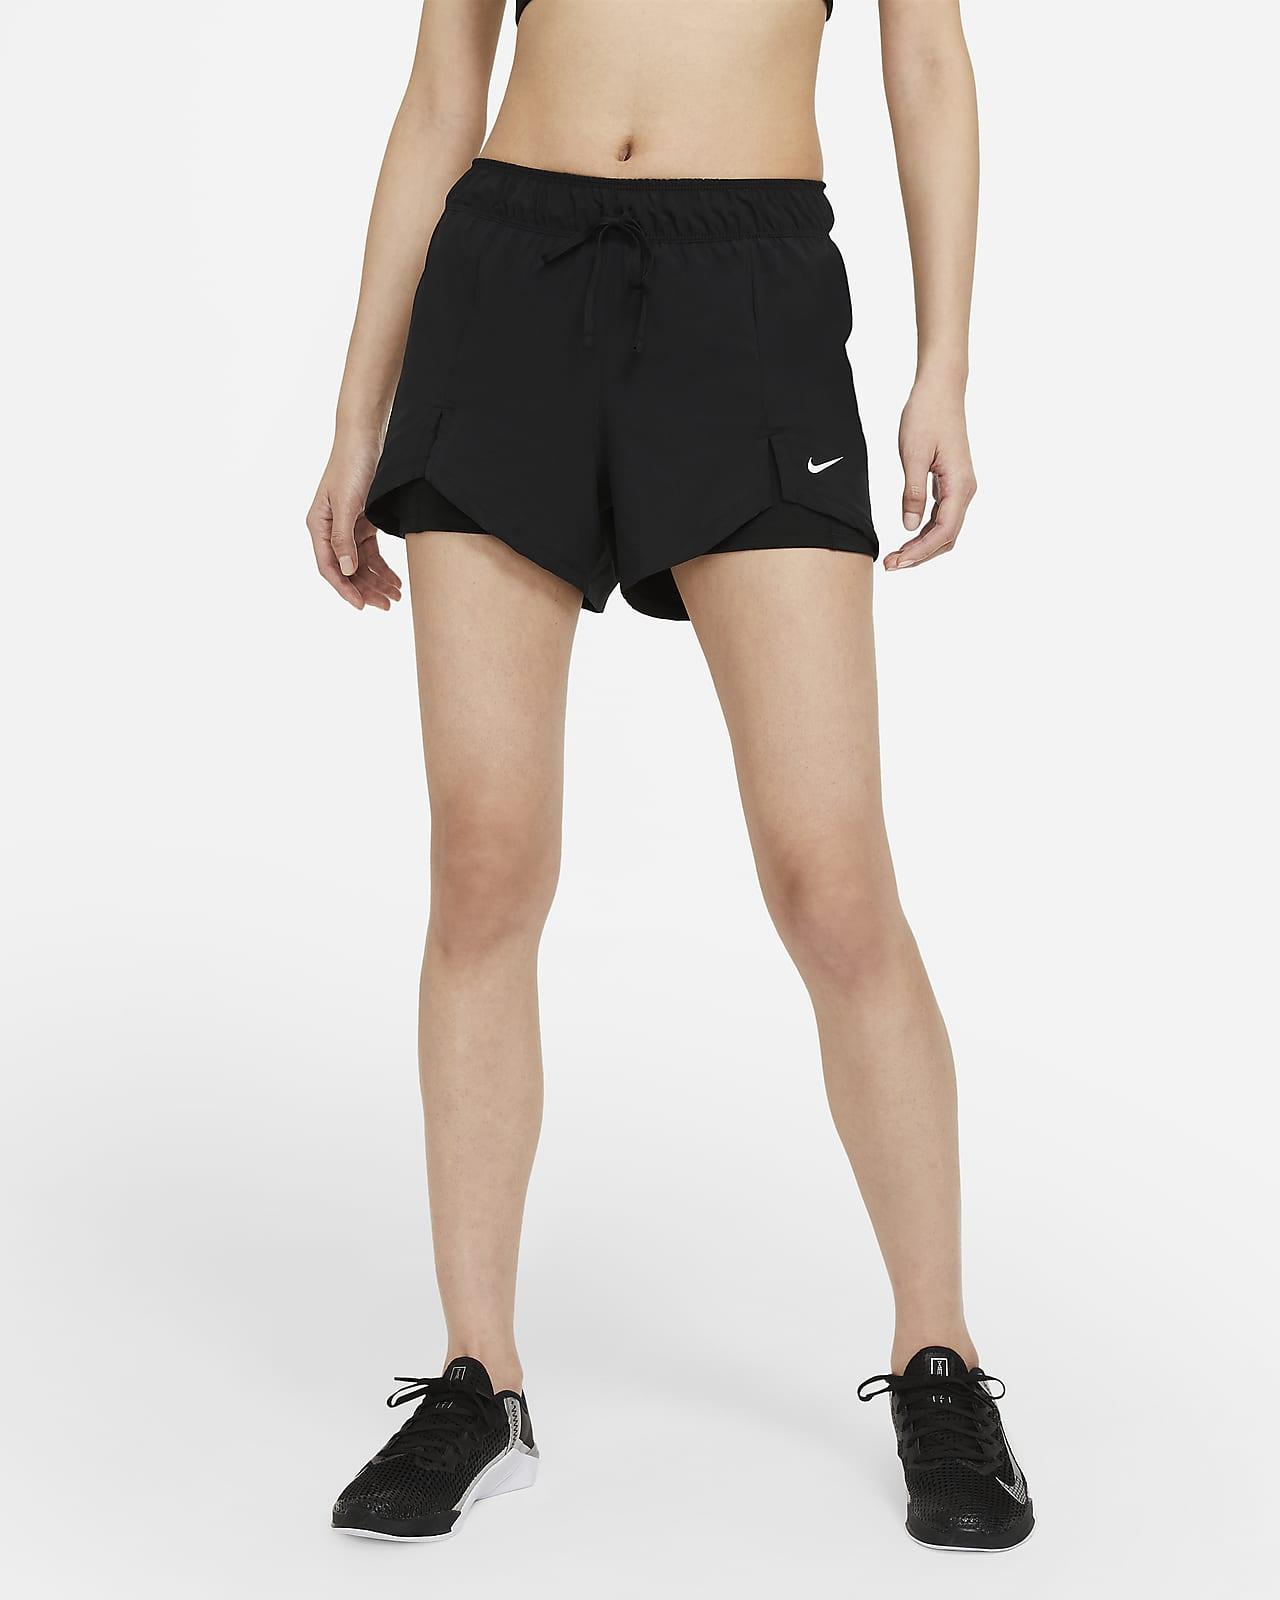 Nike Flex Essential 2-in-1 女款訓練短褲